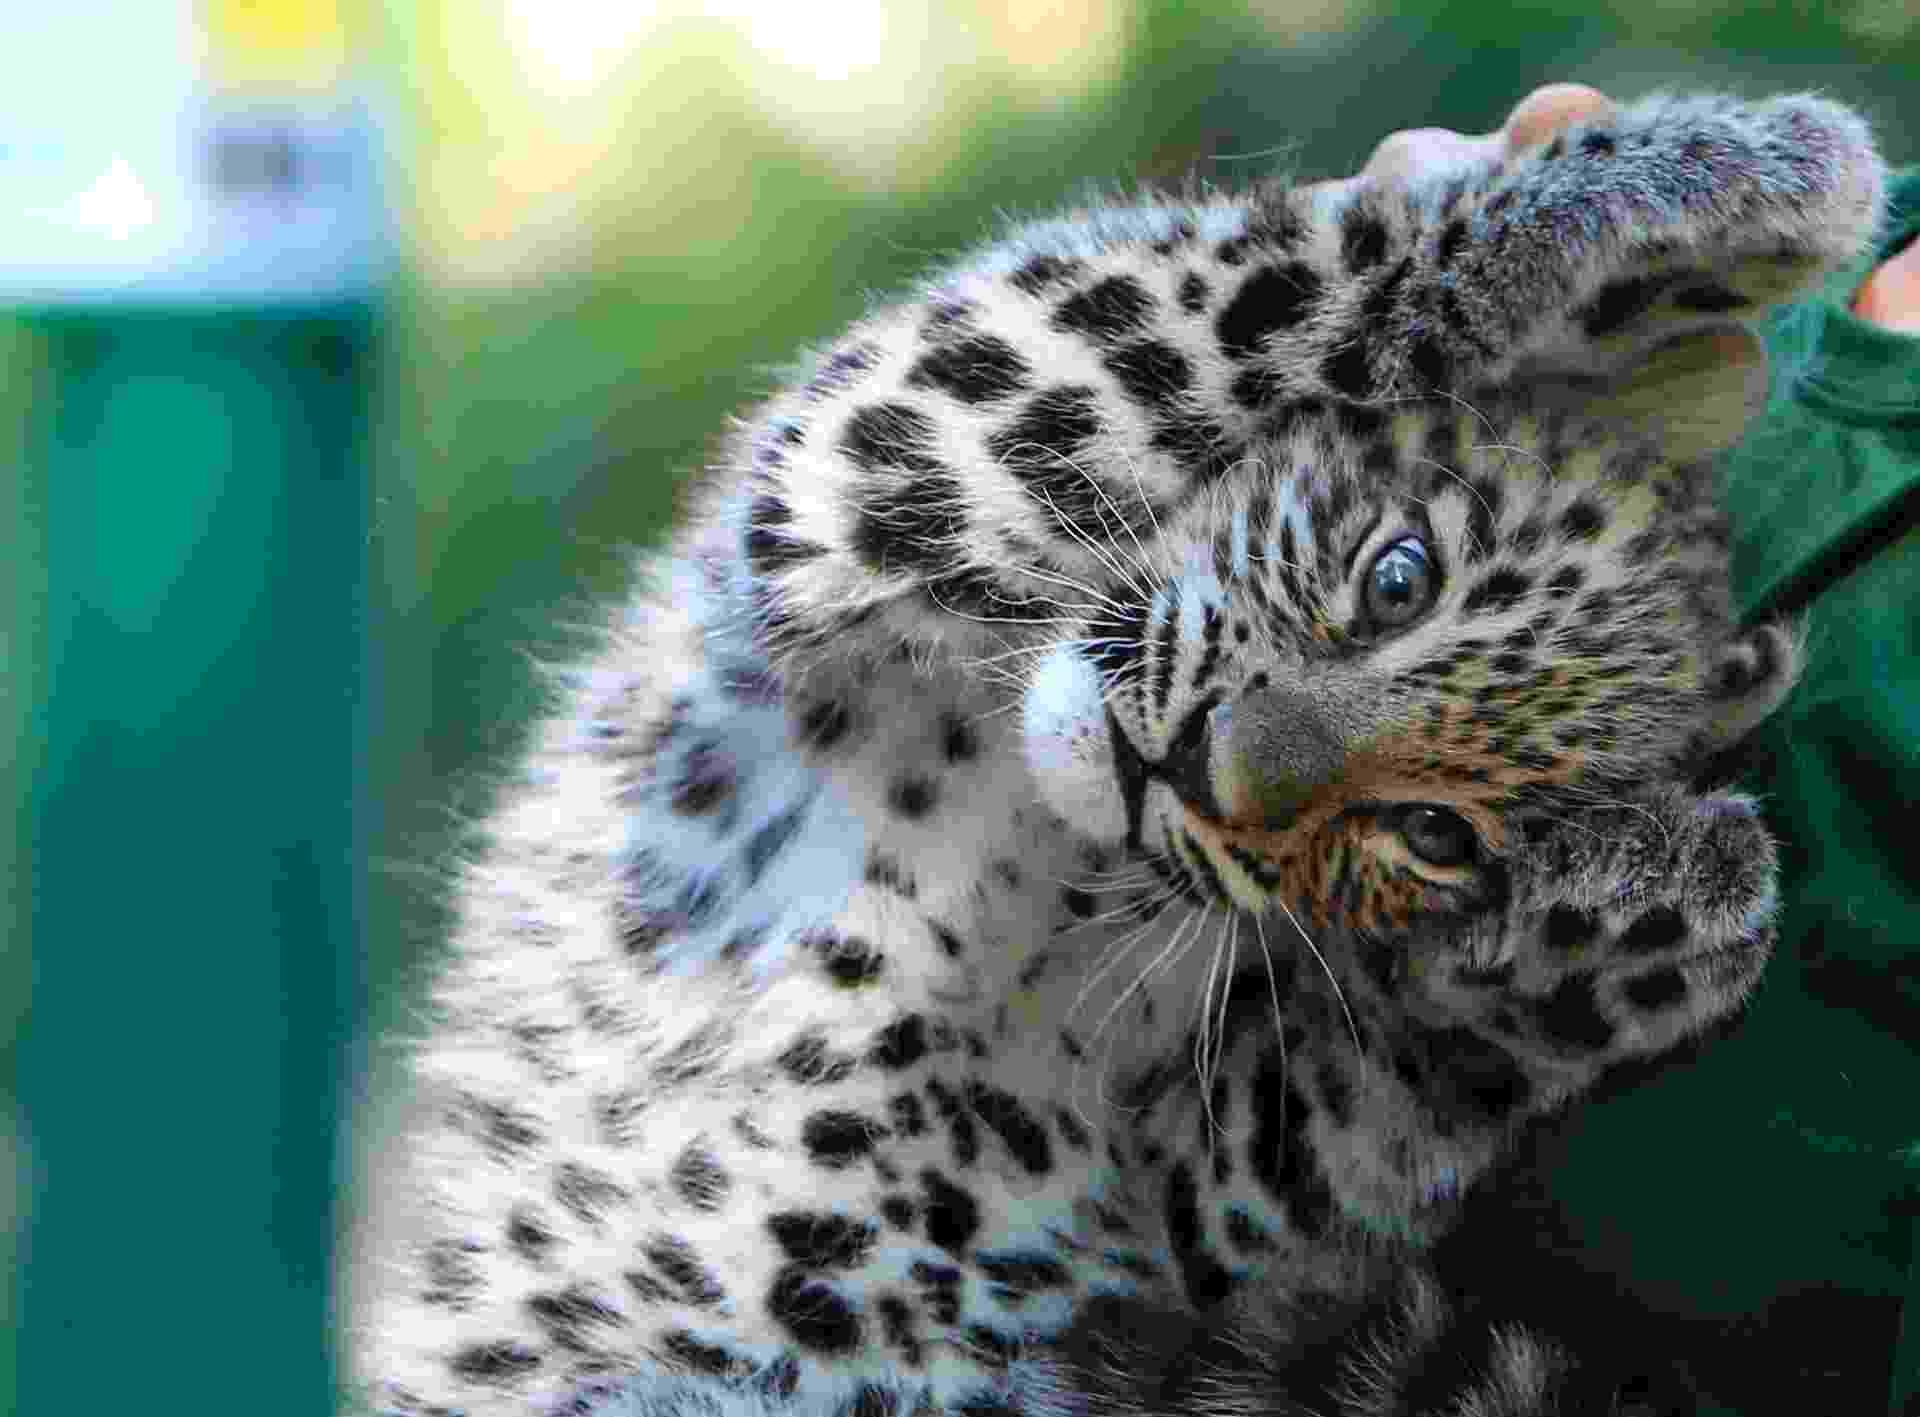 7.ago.2013 - Filhote de leopardo persa chamado Dante, que nasceu em 10 de junho, levanta as patas durante exame médico no zoológico de Budapeste, na Hungria - Bernadett Szabo/Reuters